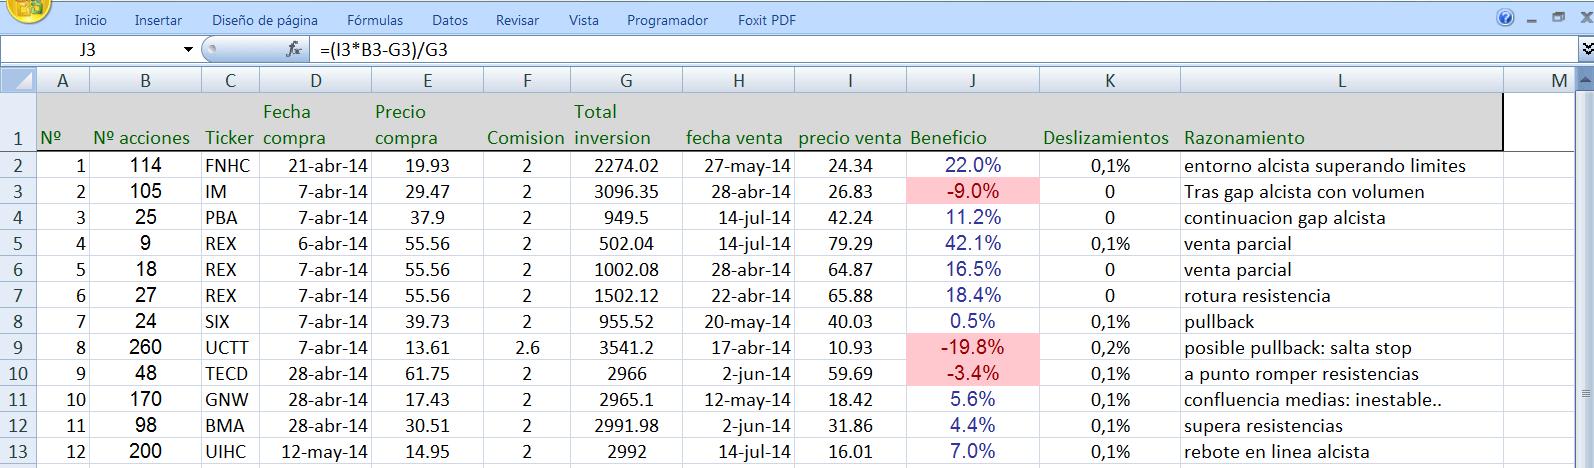 diario-de-trading